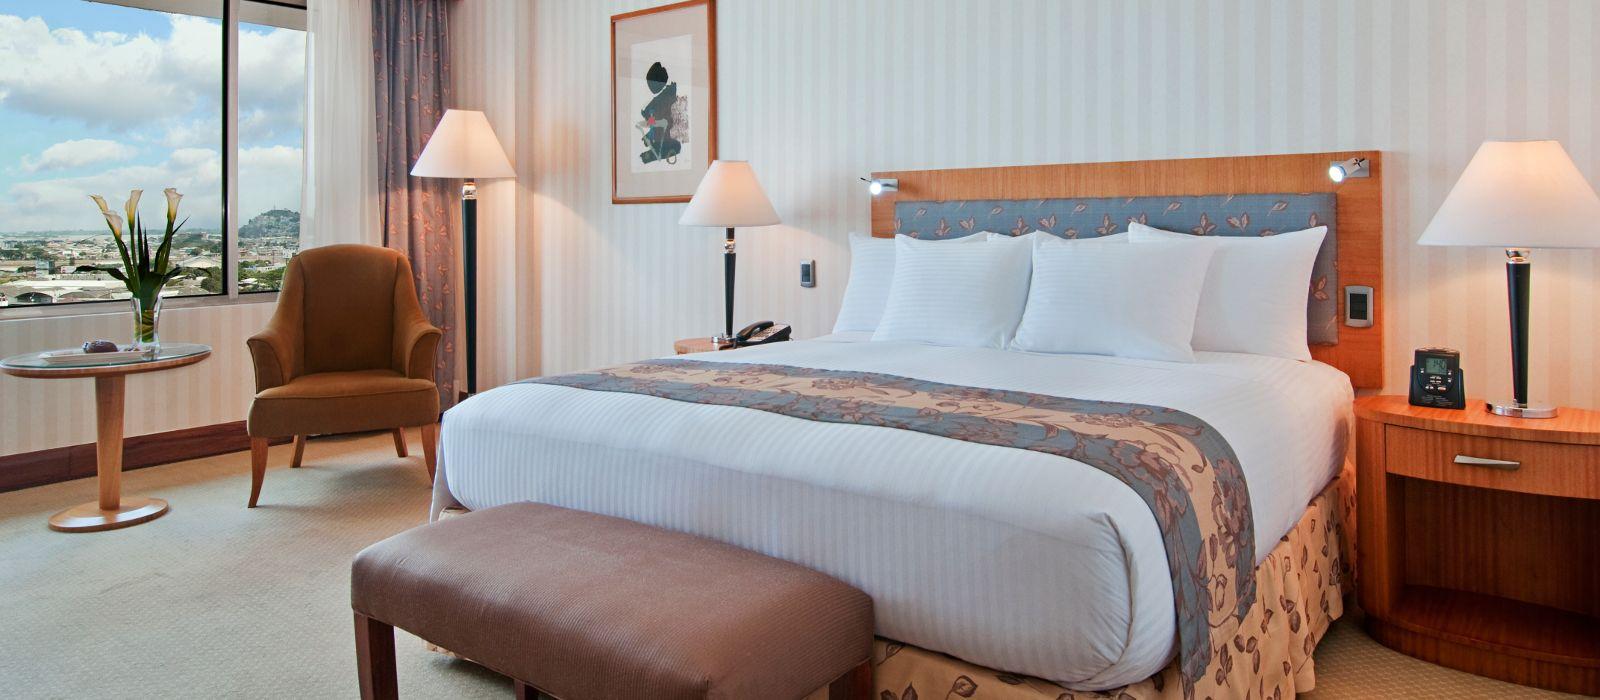 Hotel Hilton Colon Ecuador/Galapagos